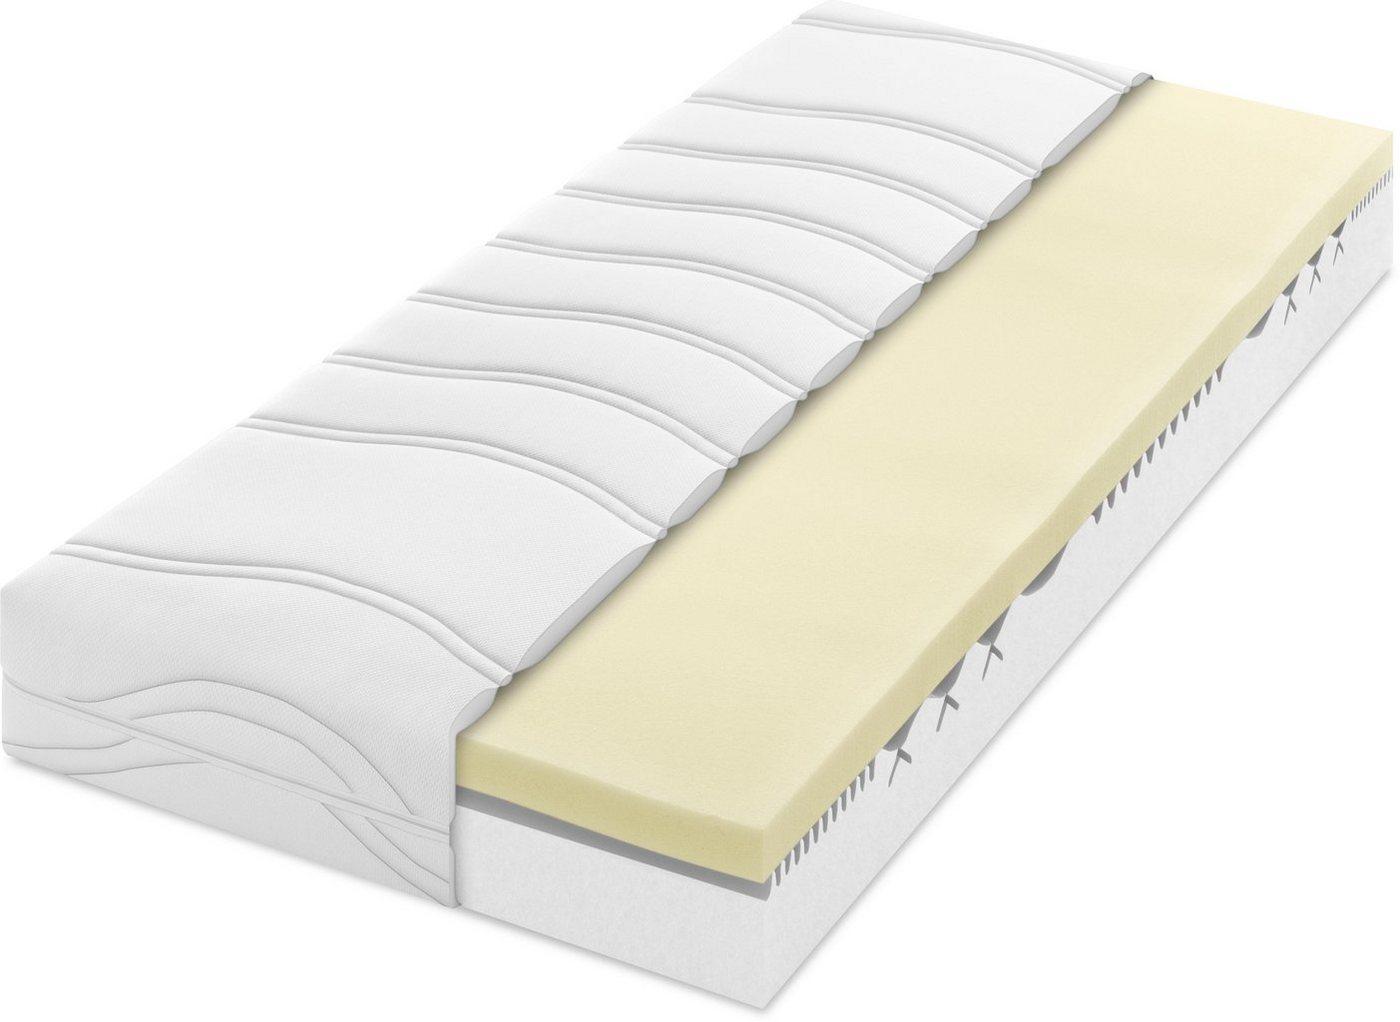 Matratzen - Kaltschaummatratze »Home 3400«, Dunlopillo, 18 cm hoch, Raumgewicht 40, 0 Federn  - Onlineshop OTTO